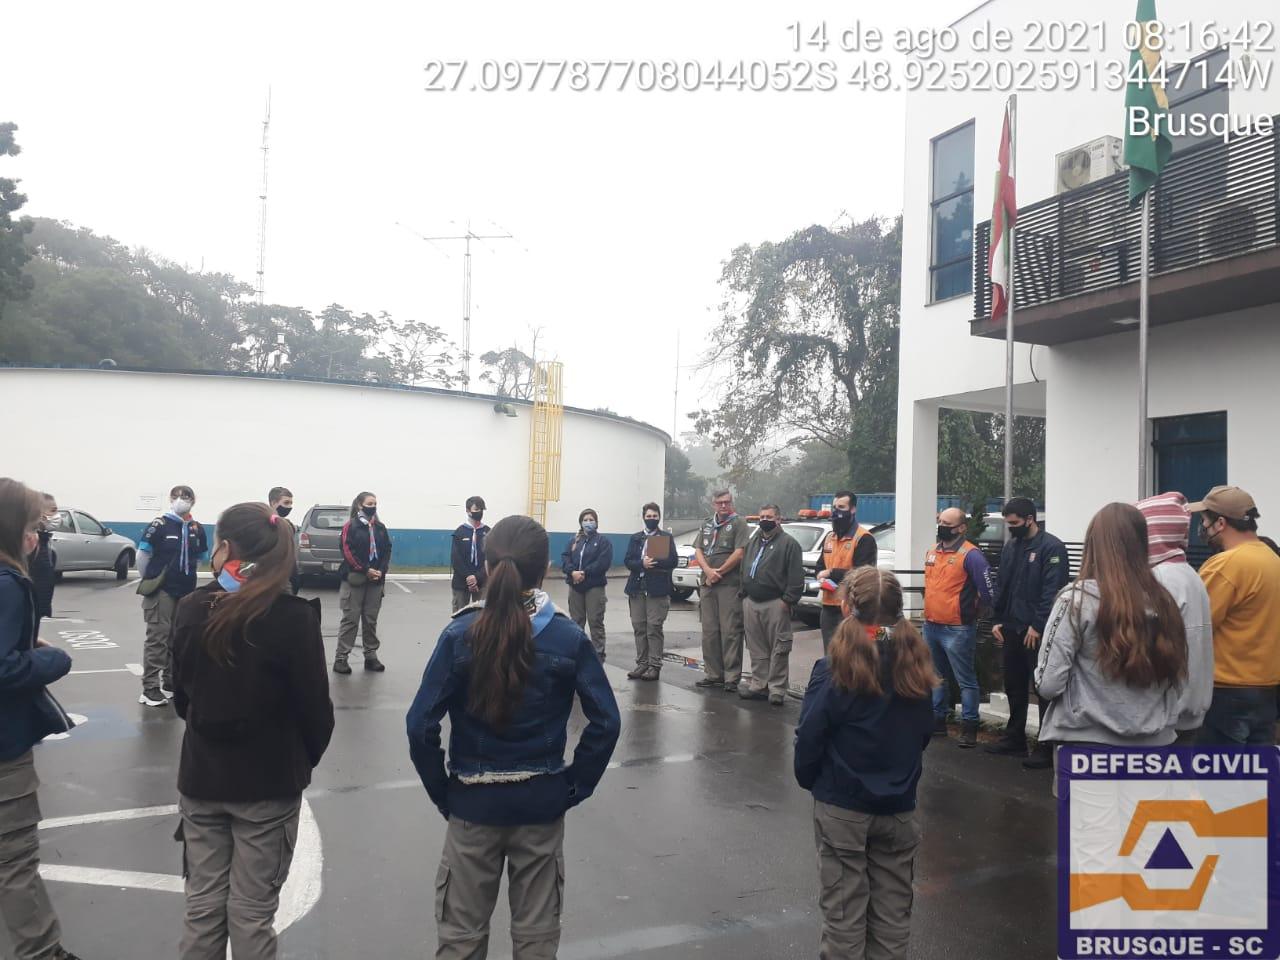 Defesa Civil recebe visita de Grupo de Escoteiros